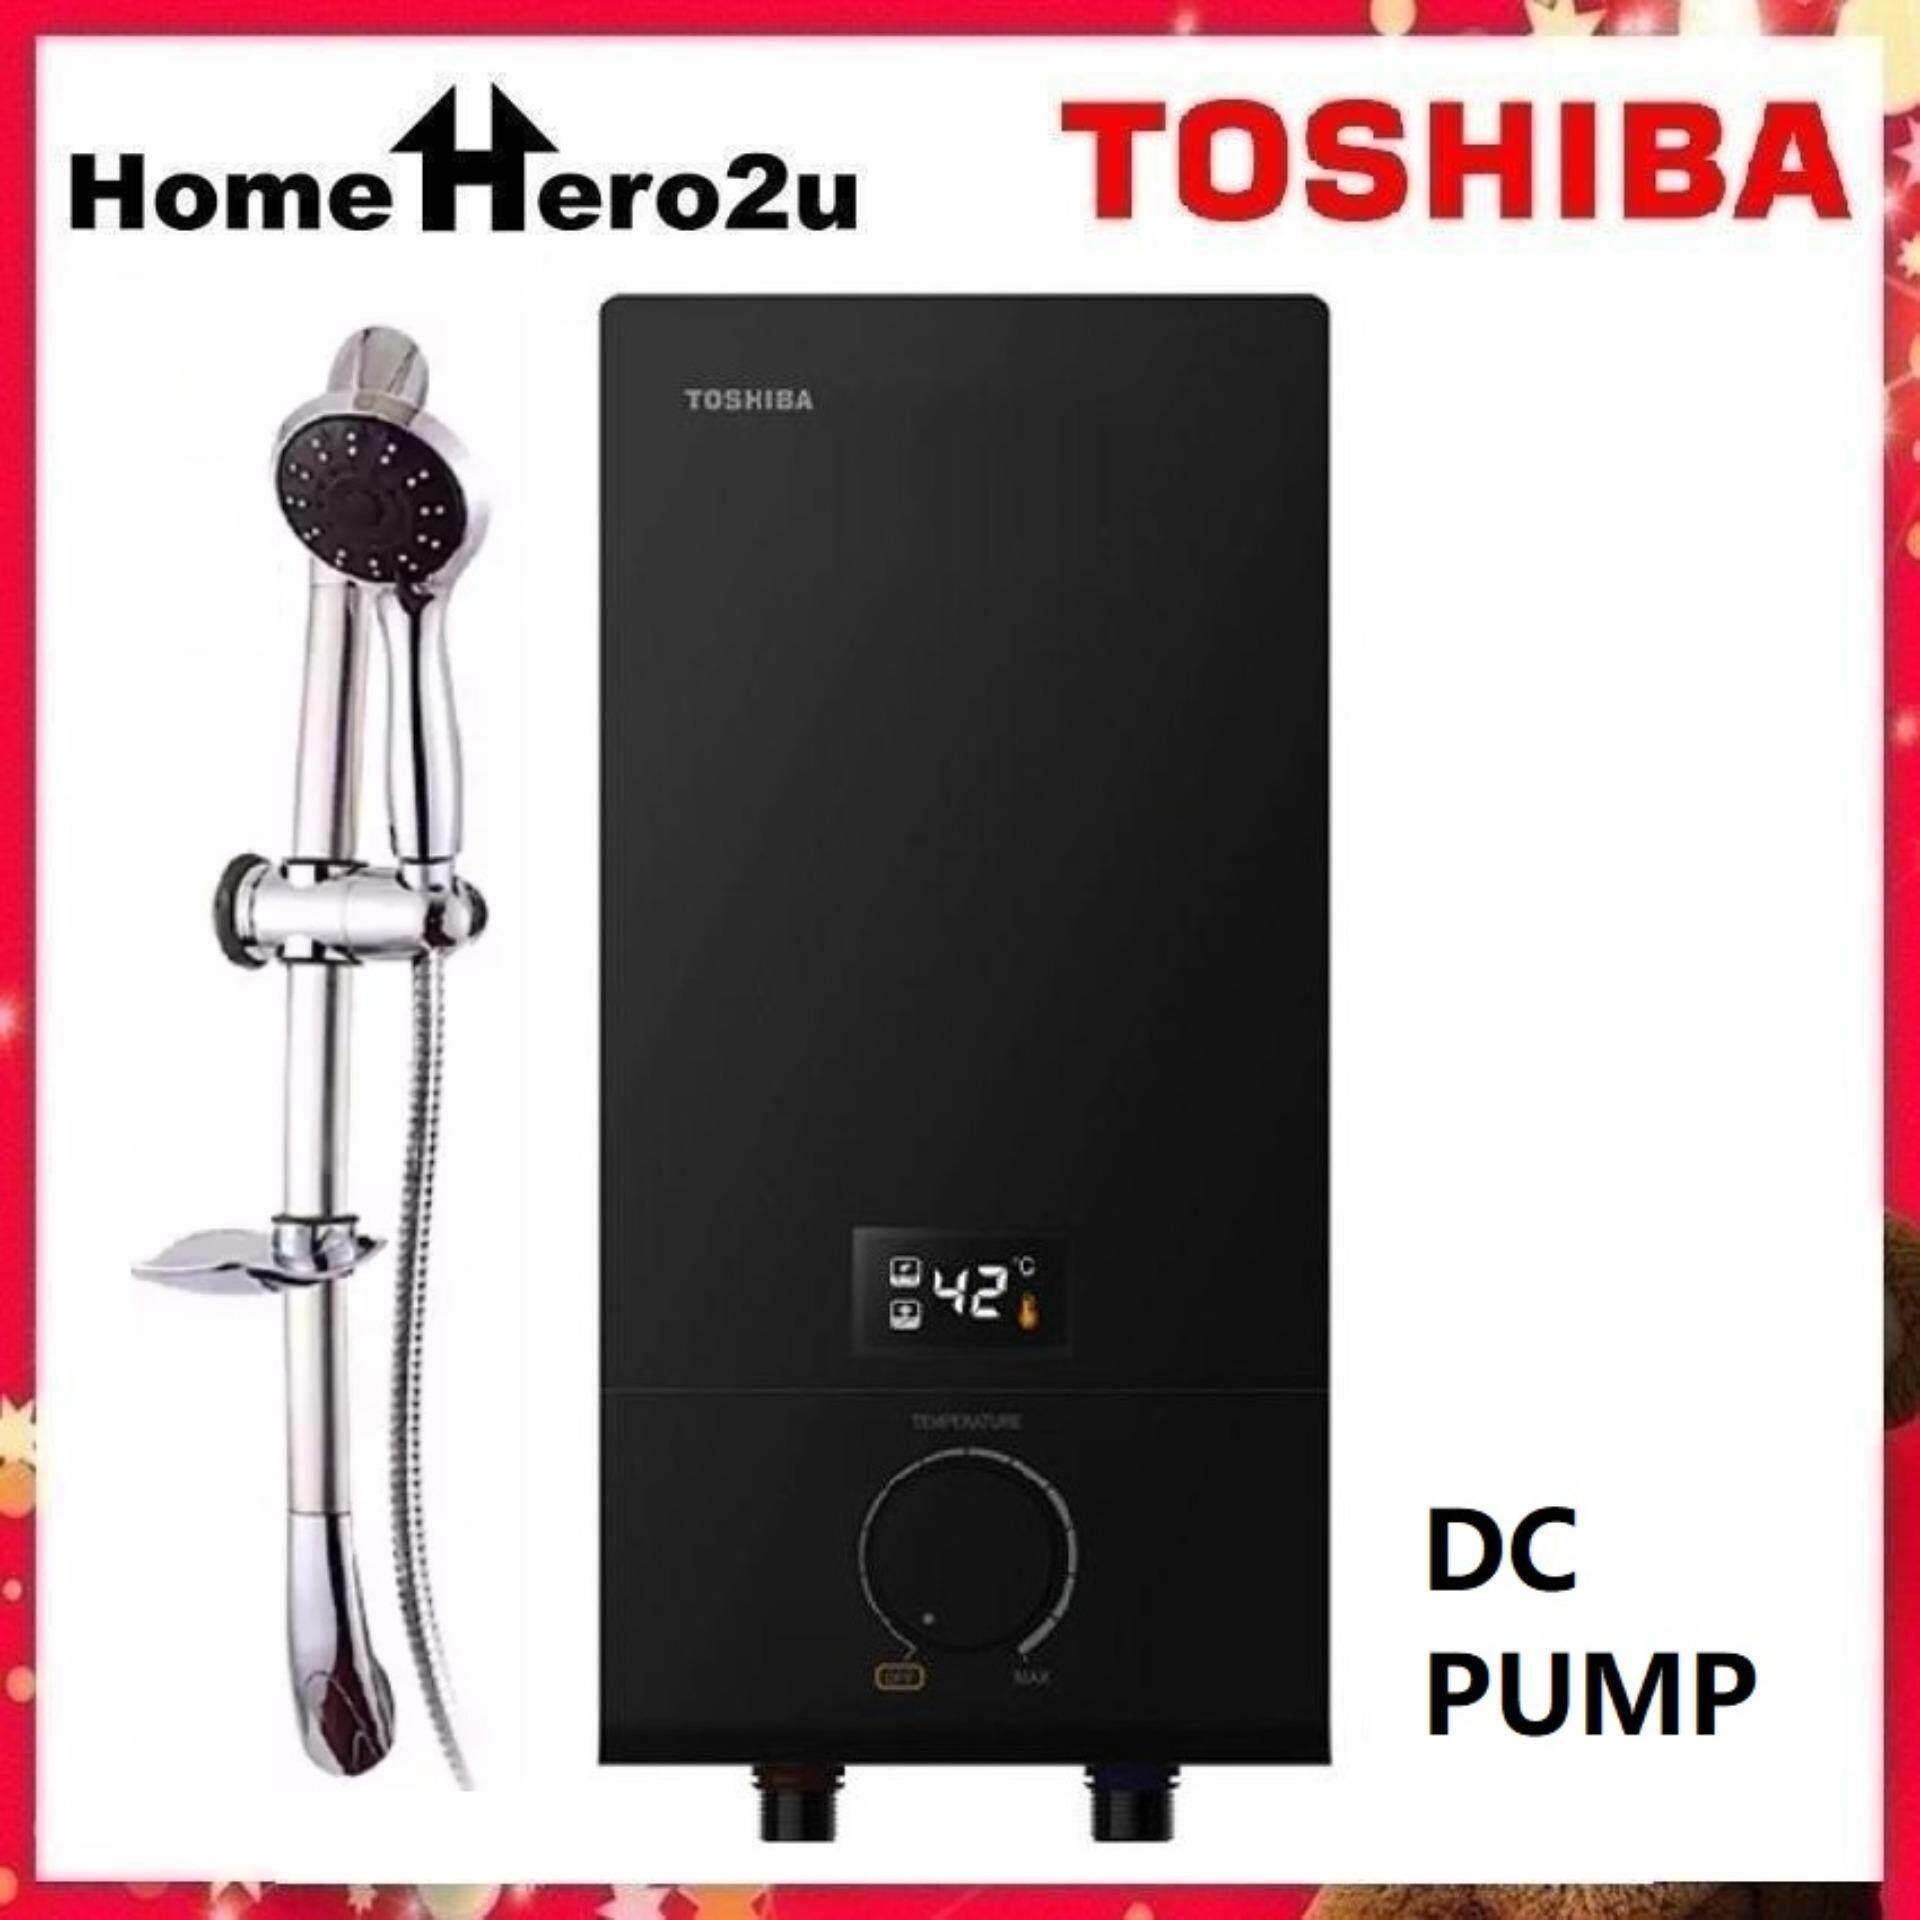 Toshiba DSK38ES3MB Water Heater - Black (with pump) - Homehero2u